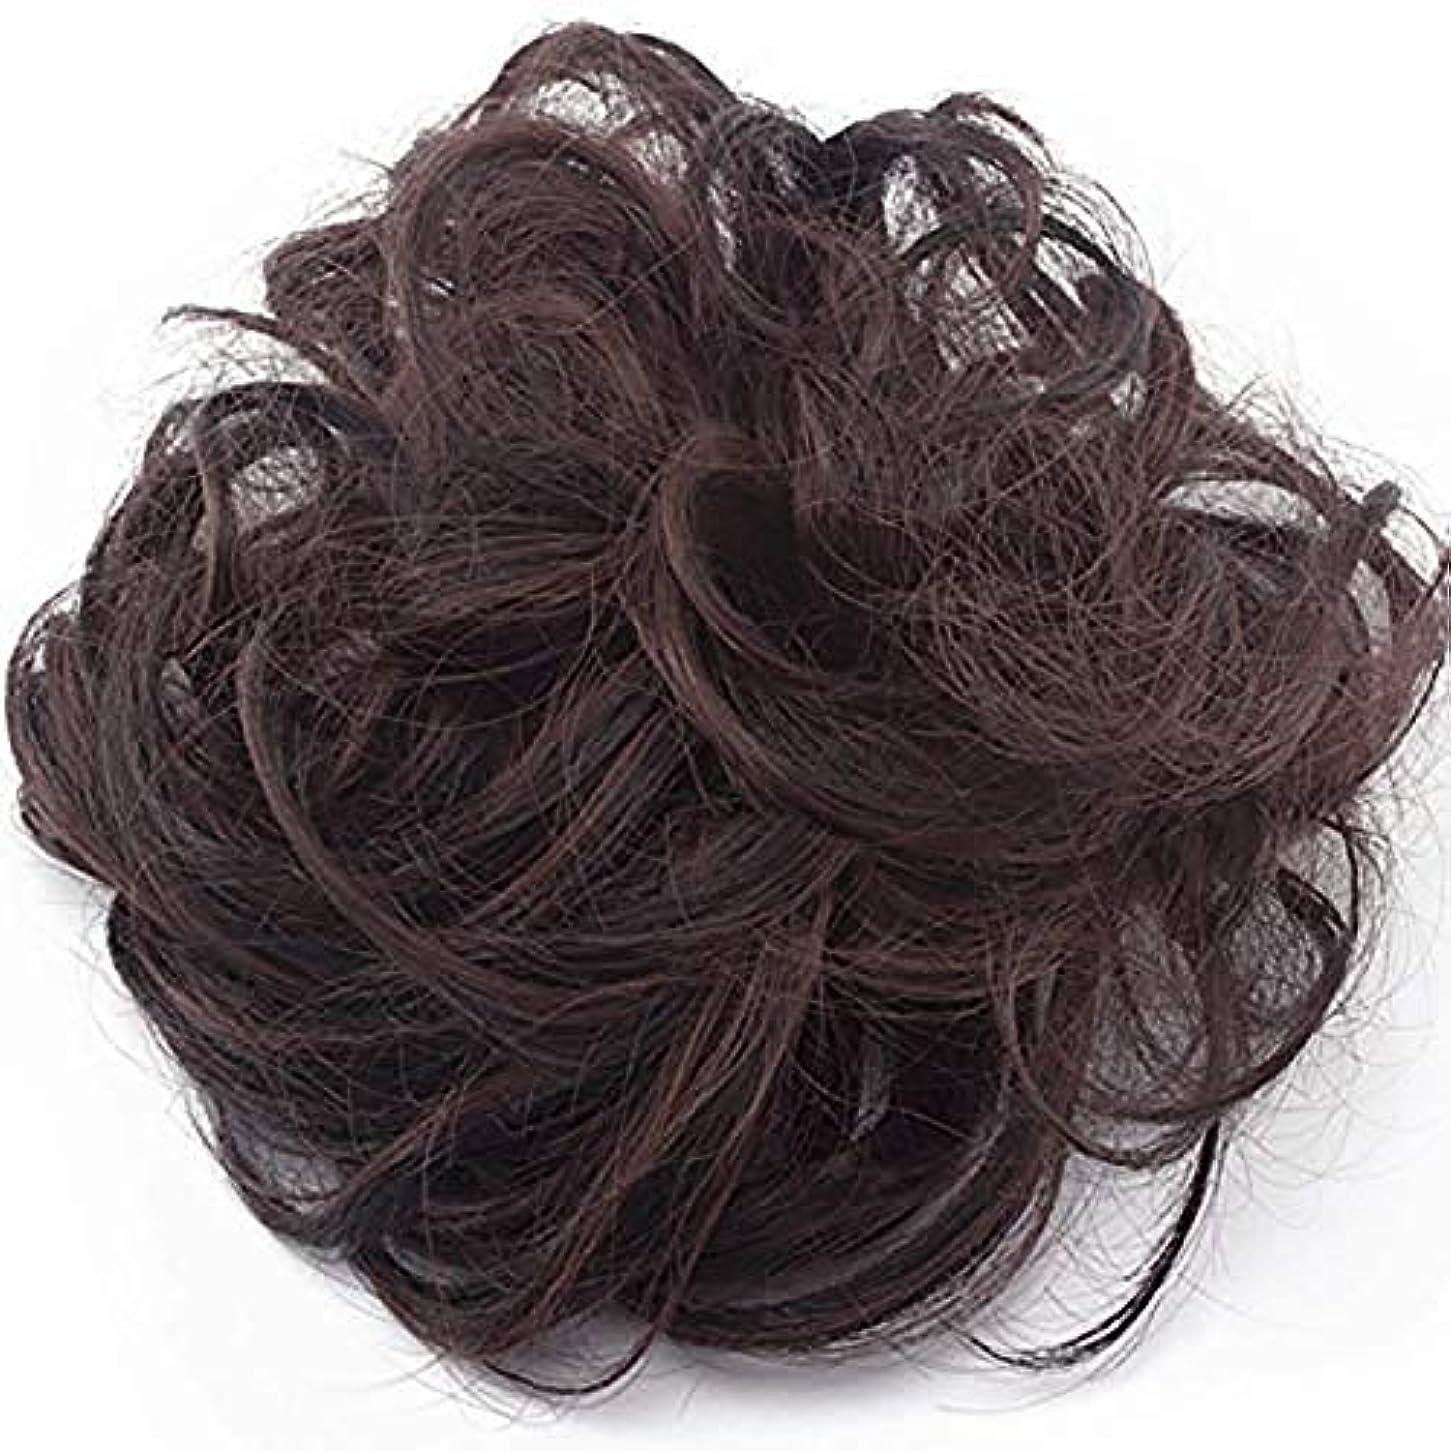 眉をひそめる定期的な漁師汚れた女の子の毛波状毛エクステンションヘアバンド饅頭饅頭は(自然な黒と白のミックス、オーバーン)かつらテープ拡張をポニーテール